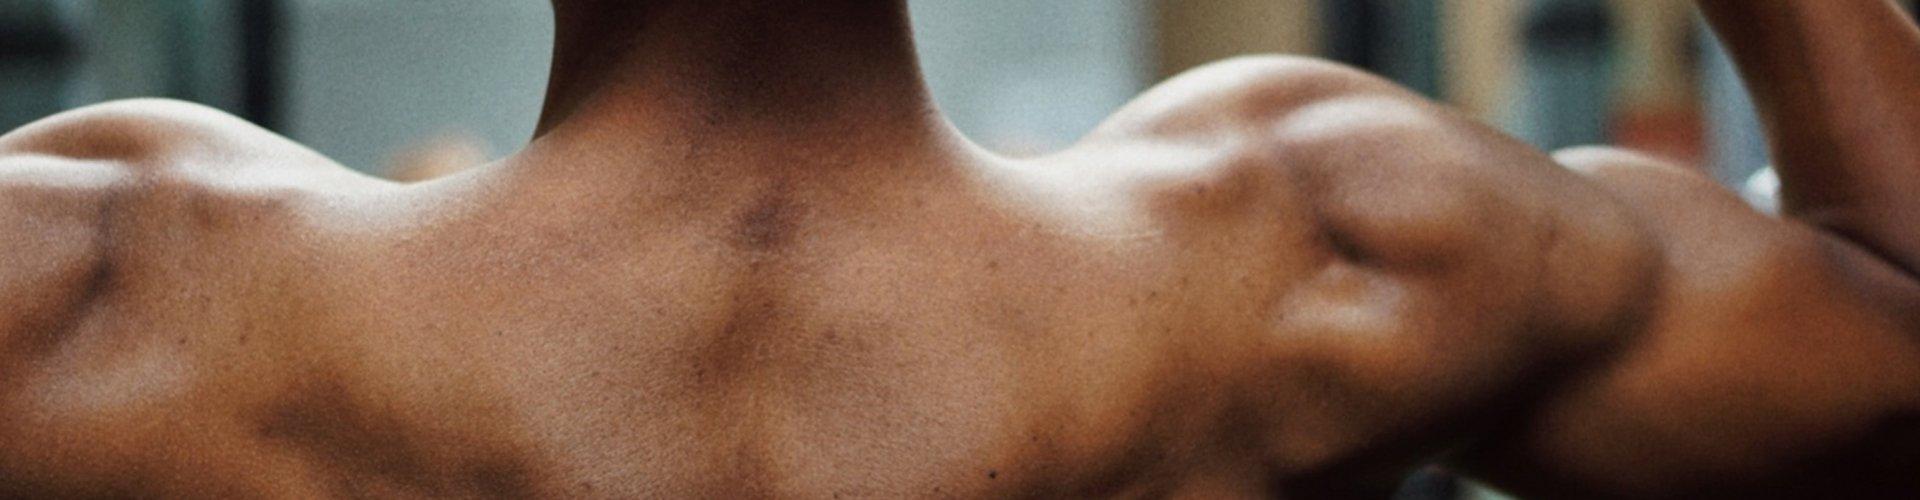 El hombro y la Rotura del Tendón Supraespinoso